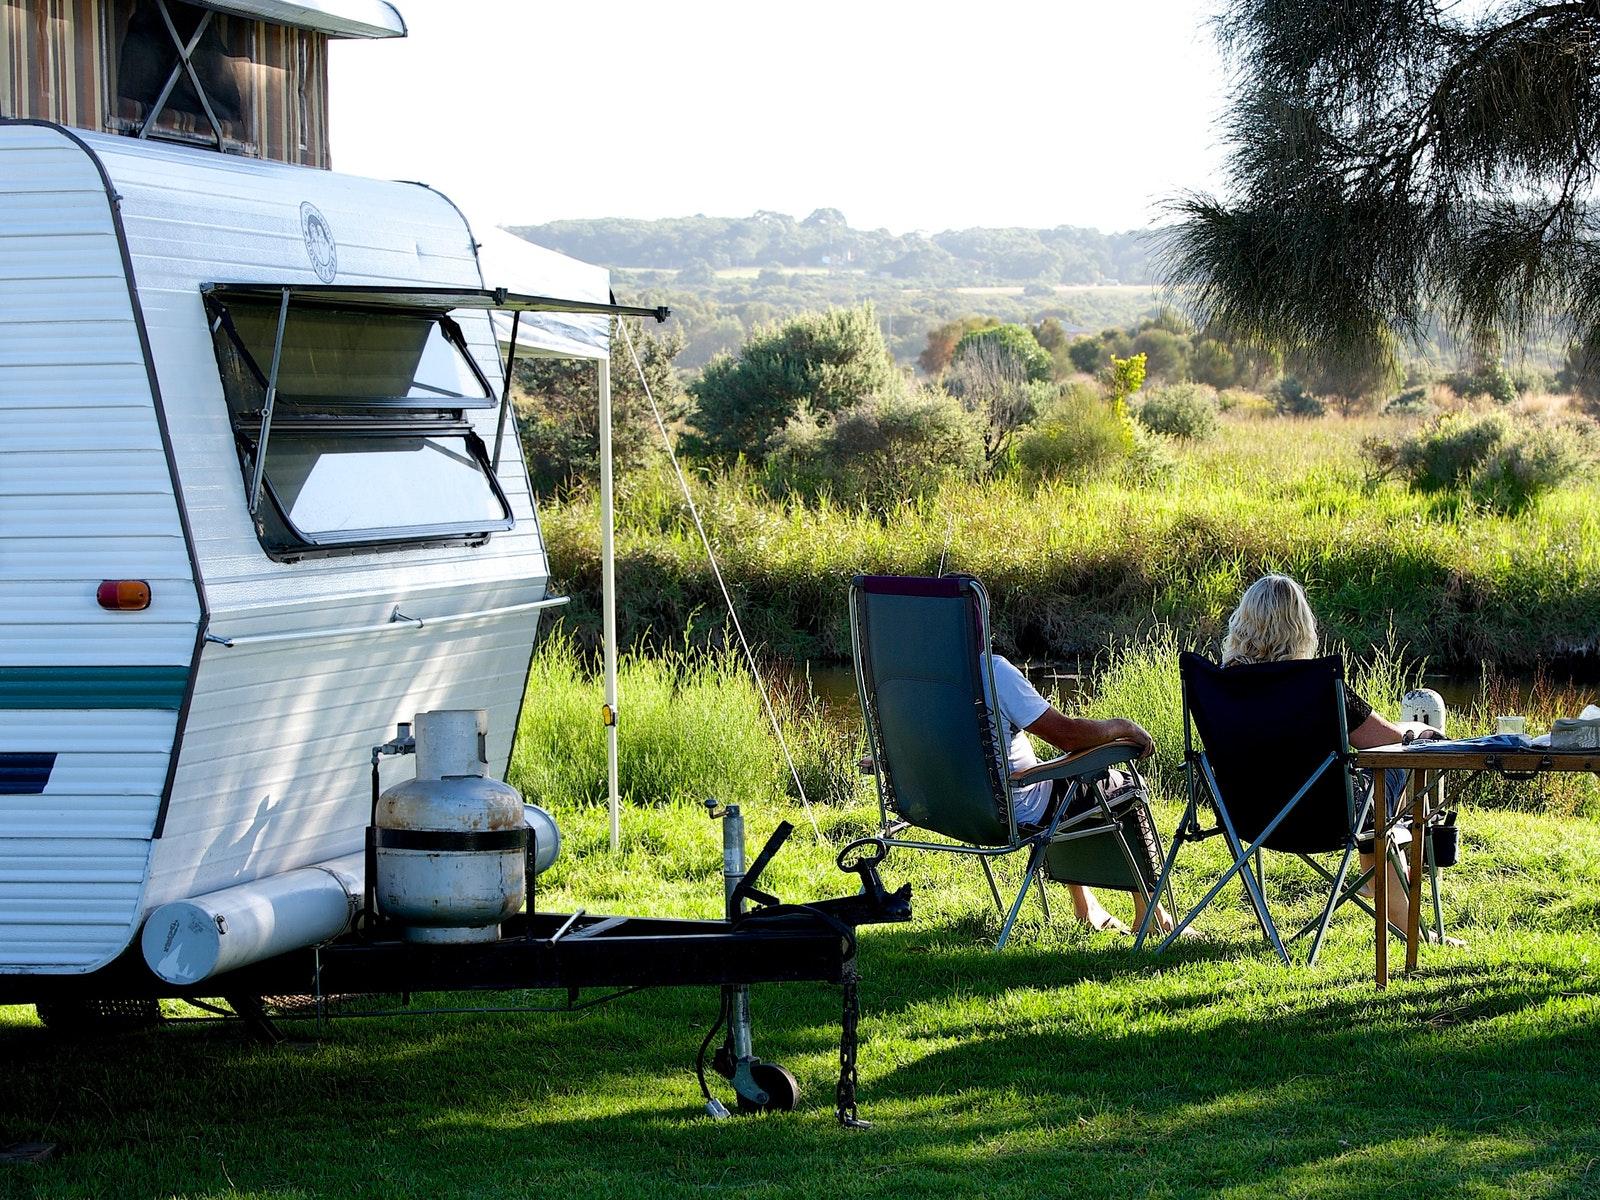 Marengo Holiday Park Apollo Bay - 6 điểm cắm trại cực hấp dẫn gần Melbourne